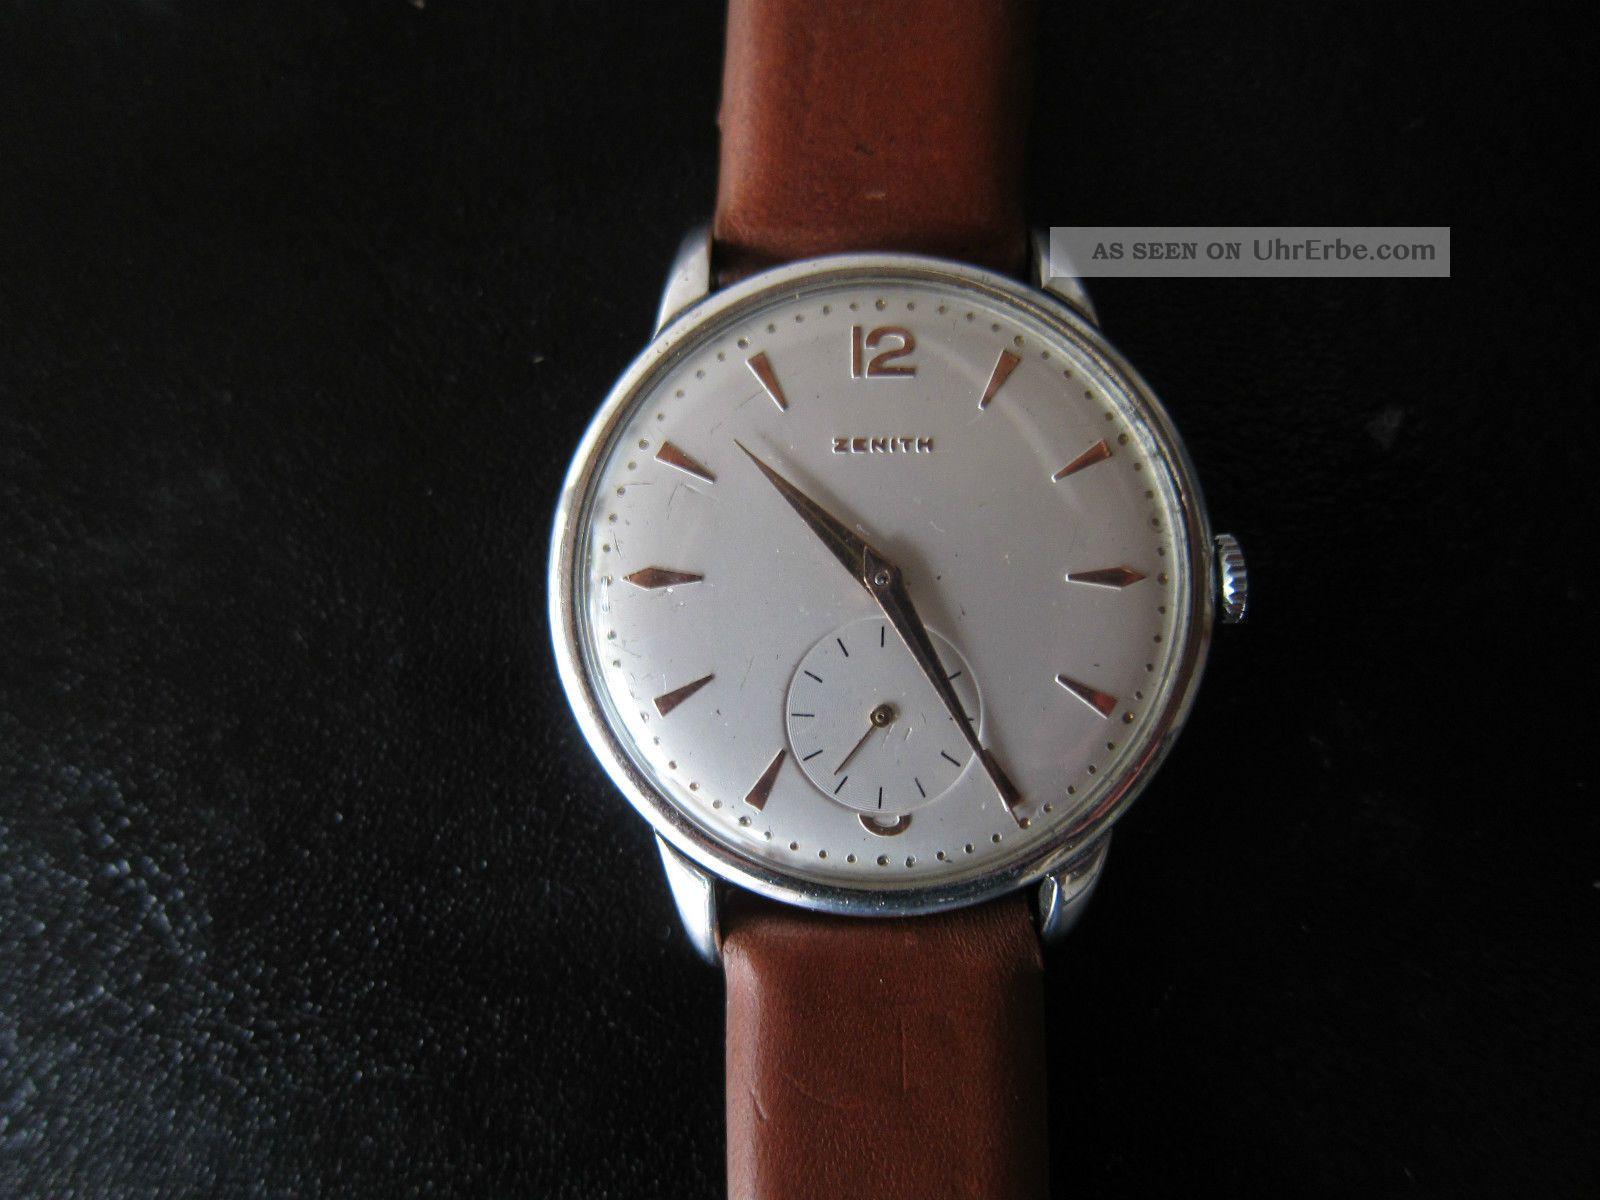 Zenith Oversize Herrenuhr Dresswatch Uhr Armbanduhr Dress Watch Vintage Armbanduhren Bild